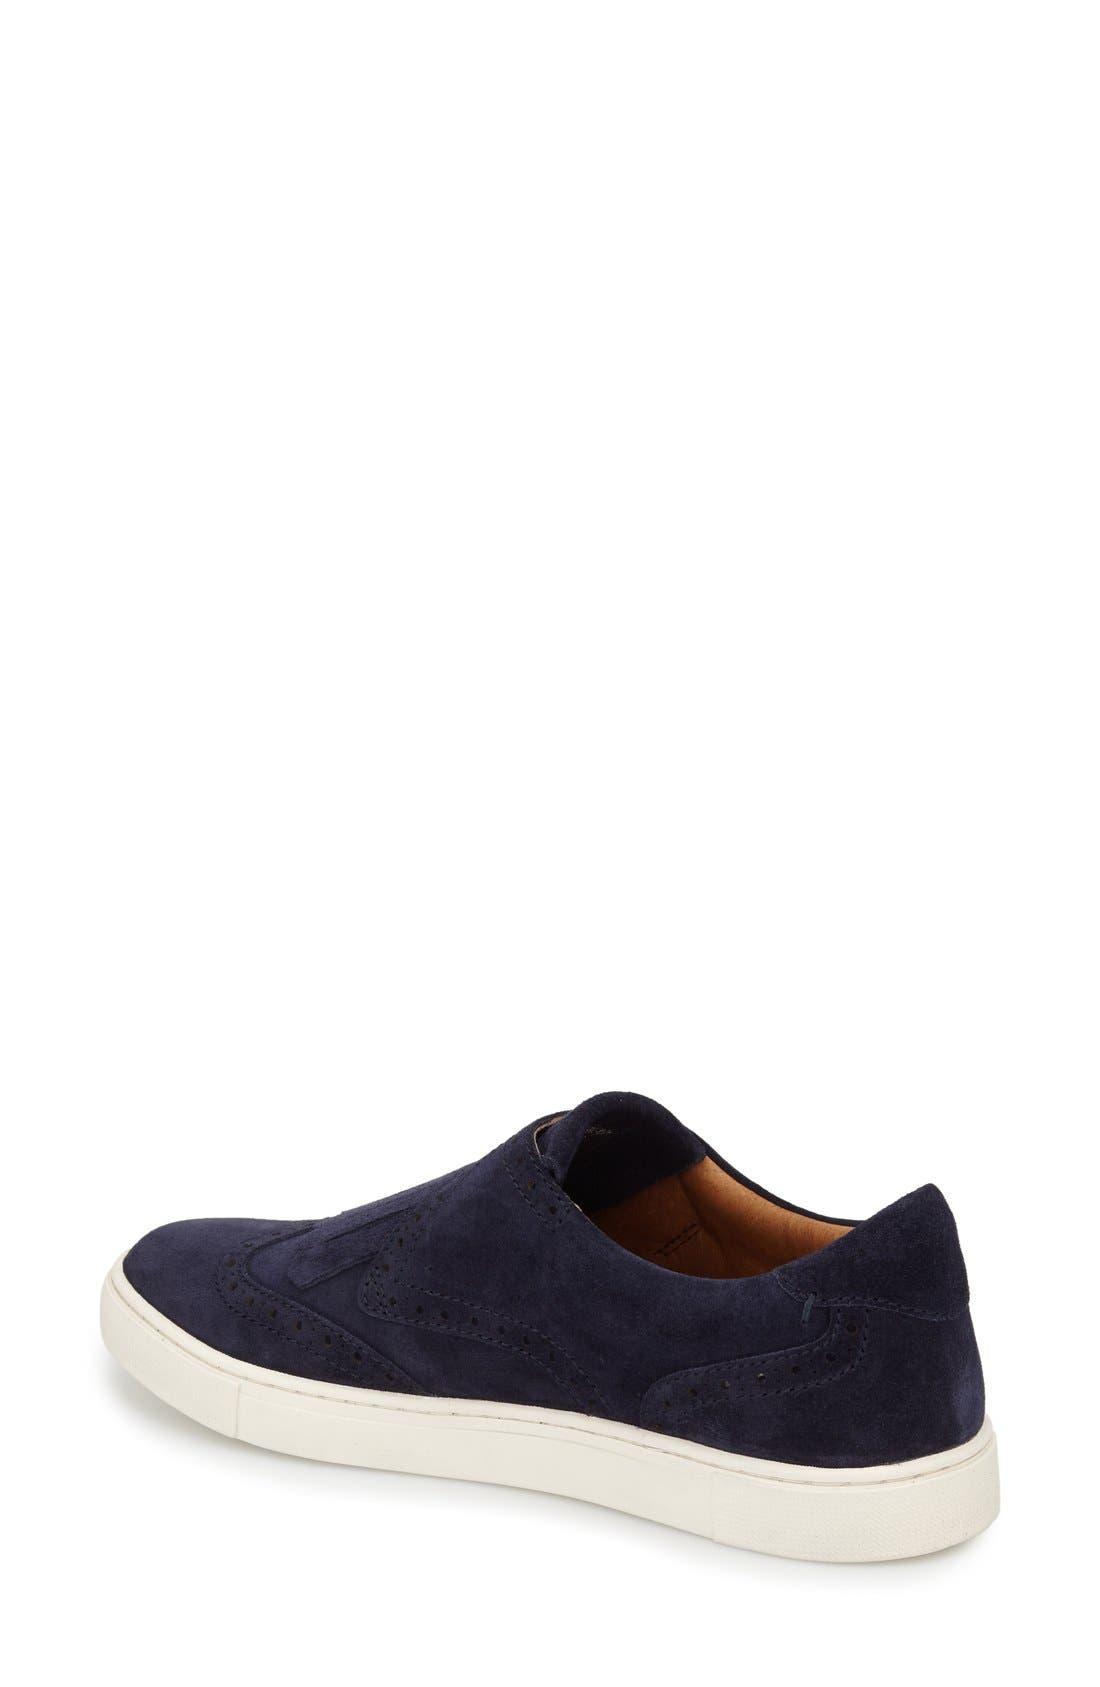 'Gemma' Kiltie Slip On-Sneaker,                             Alternate thumbnail 7, color,